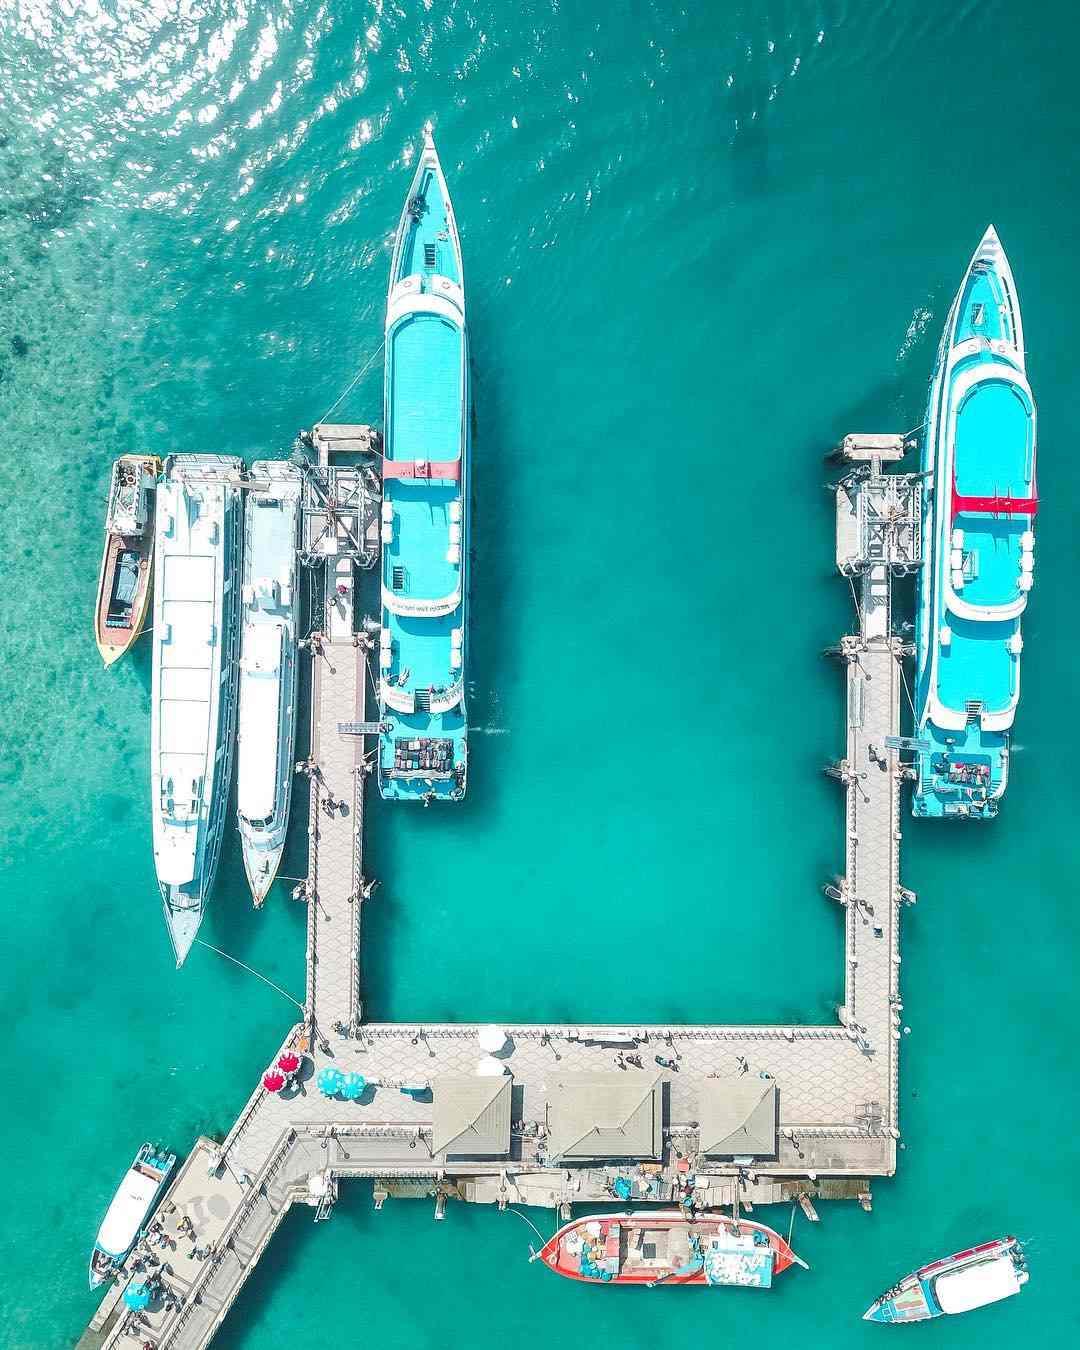 Ton Sai Pier op Koh Phi Phi vanaf een drone gezien